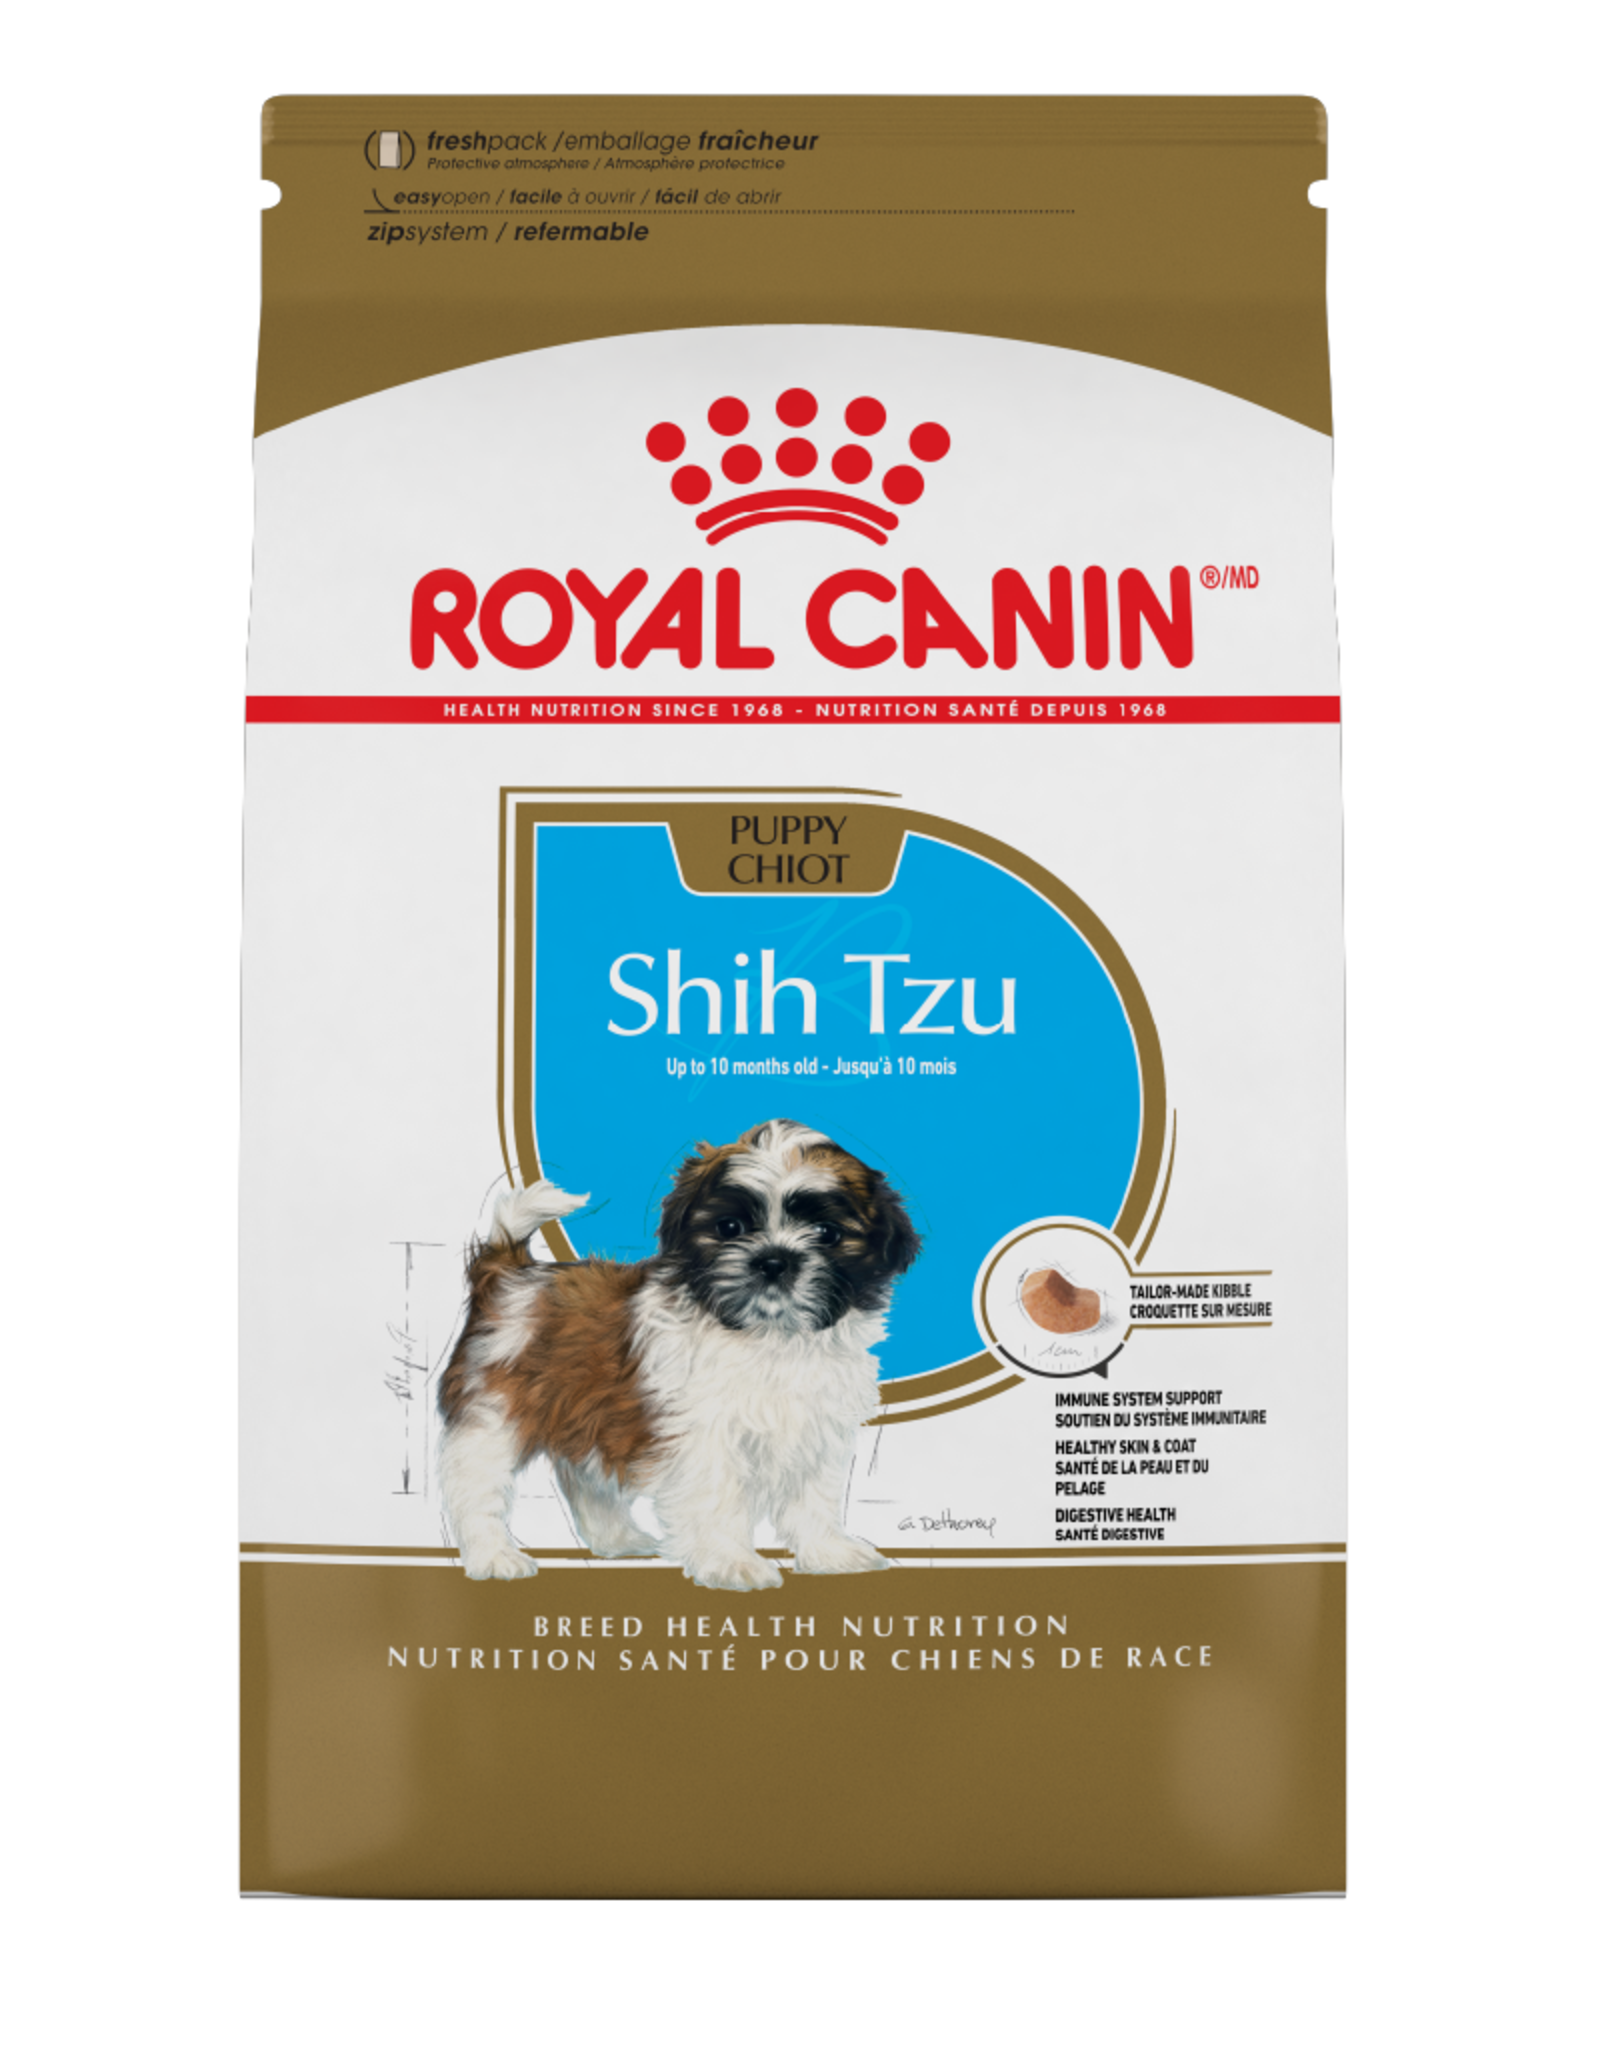 ROYAL CANIN Royal Canin | Shih Tzu Puppy 2.5 lb